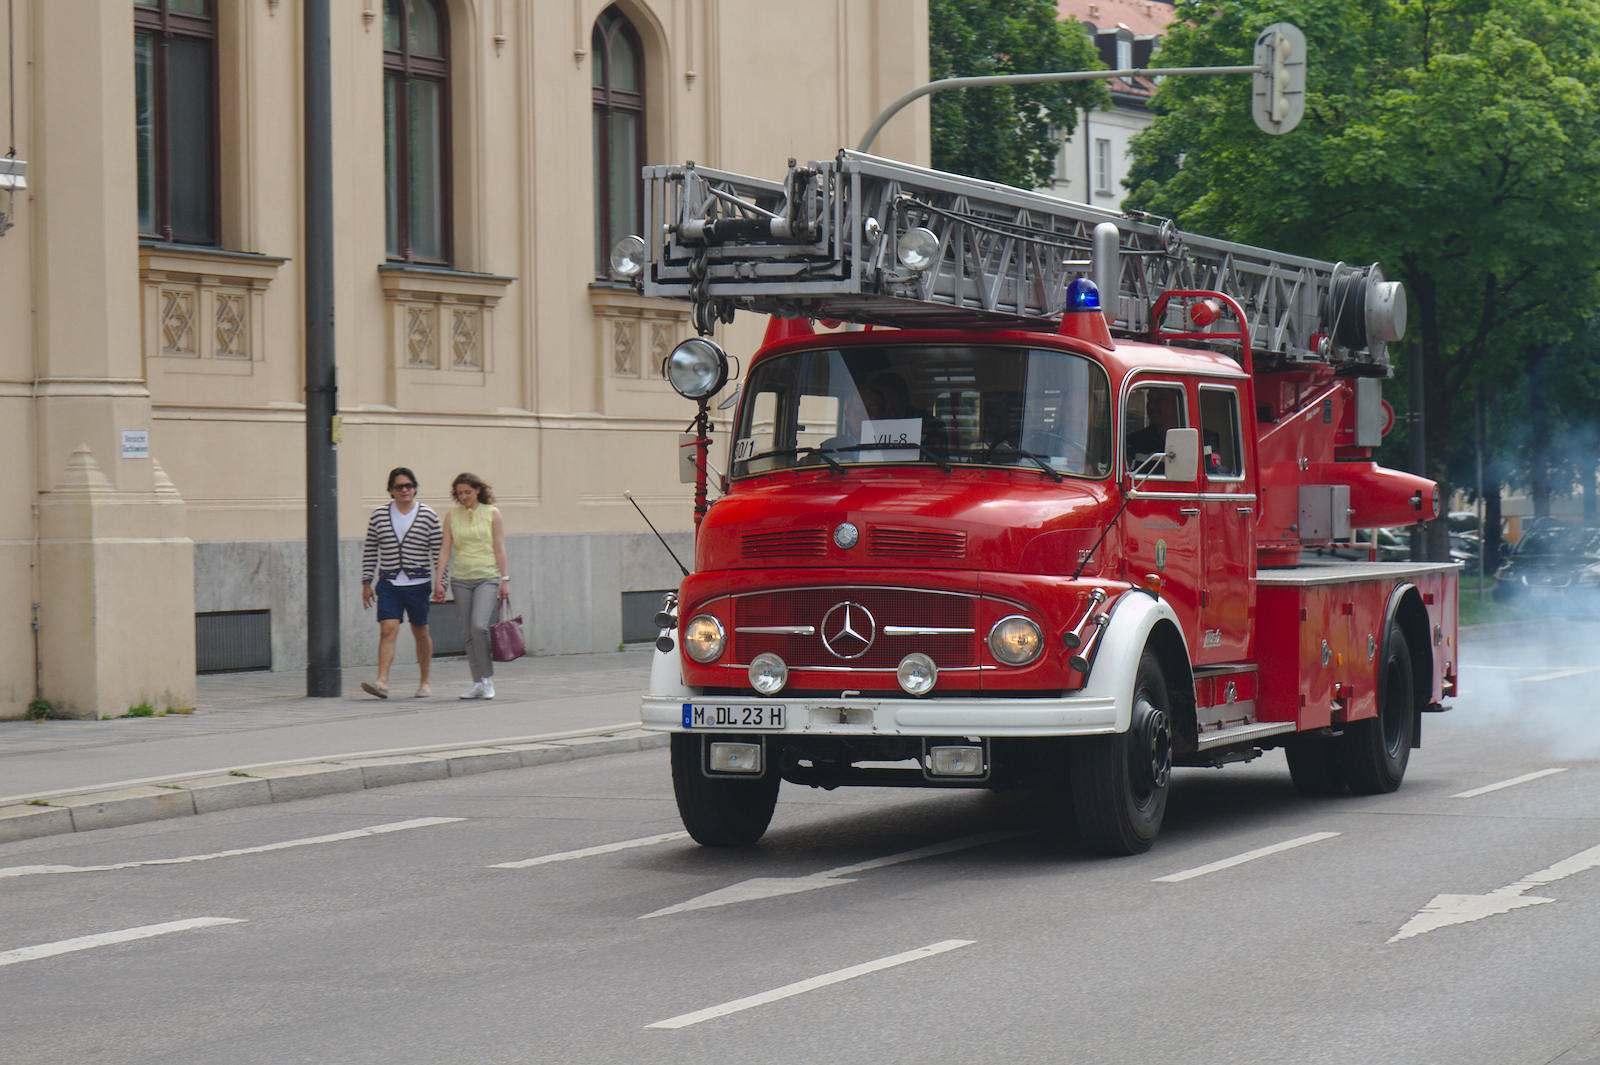 volunteer fire department9 150 Years Volunteer Fire Department in Munich